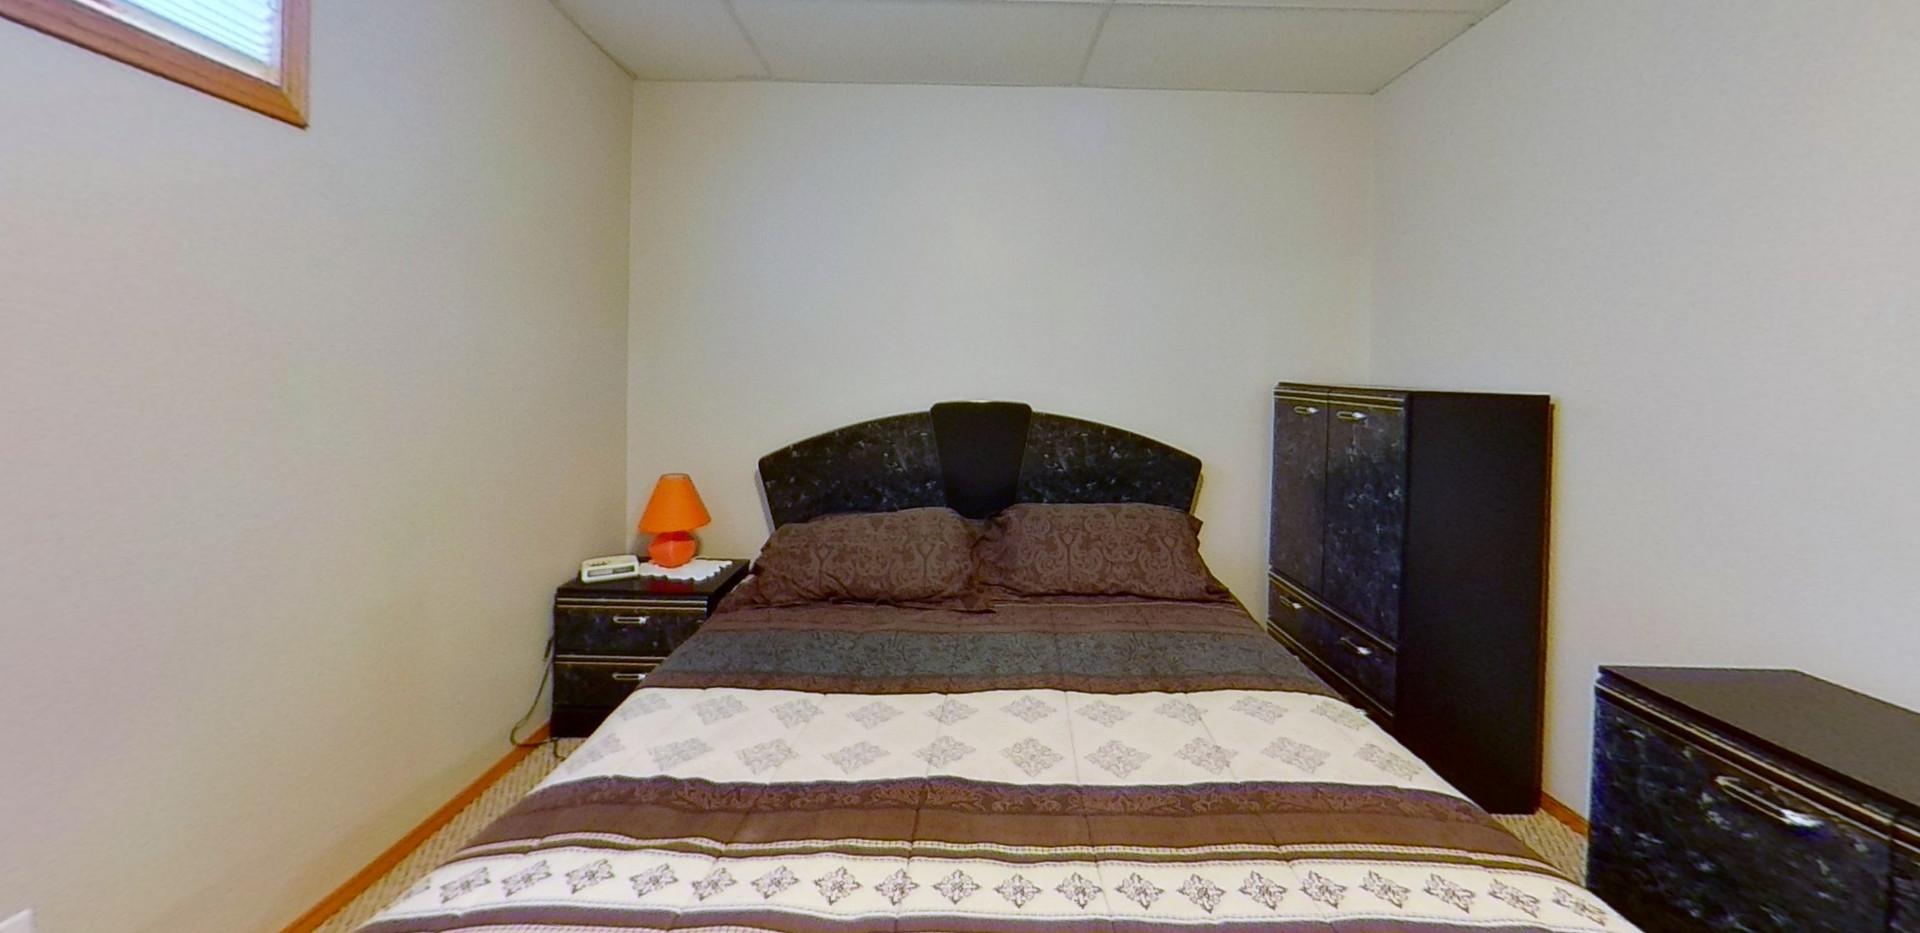 1143-Oakland-Dr-Bedroom-6.jpg